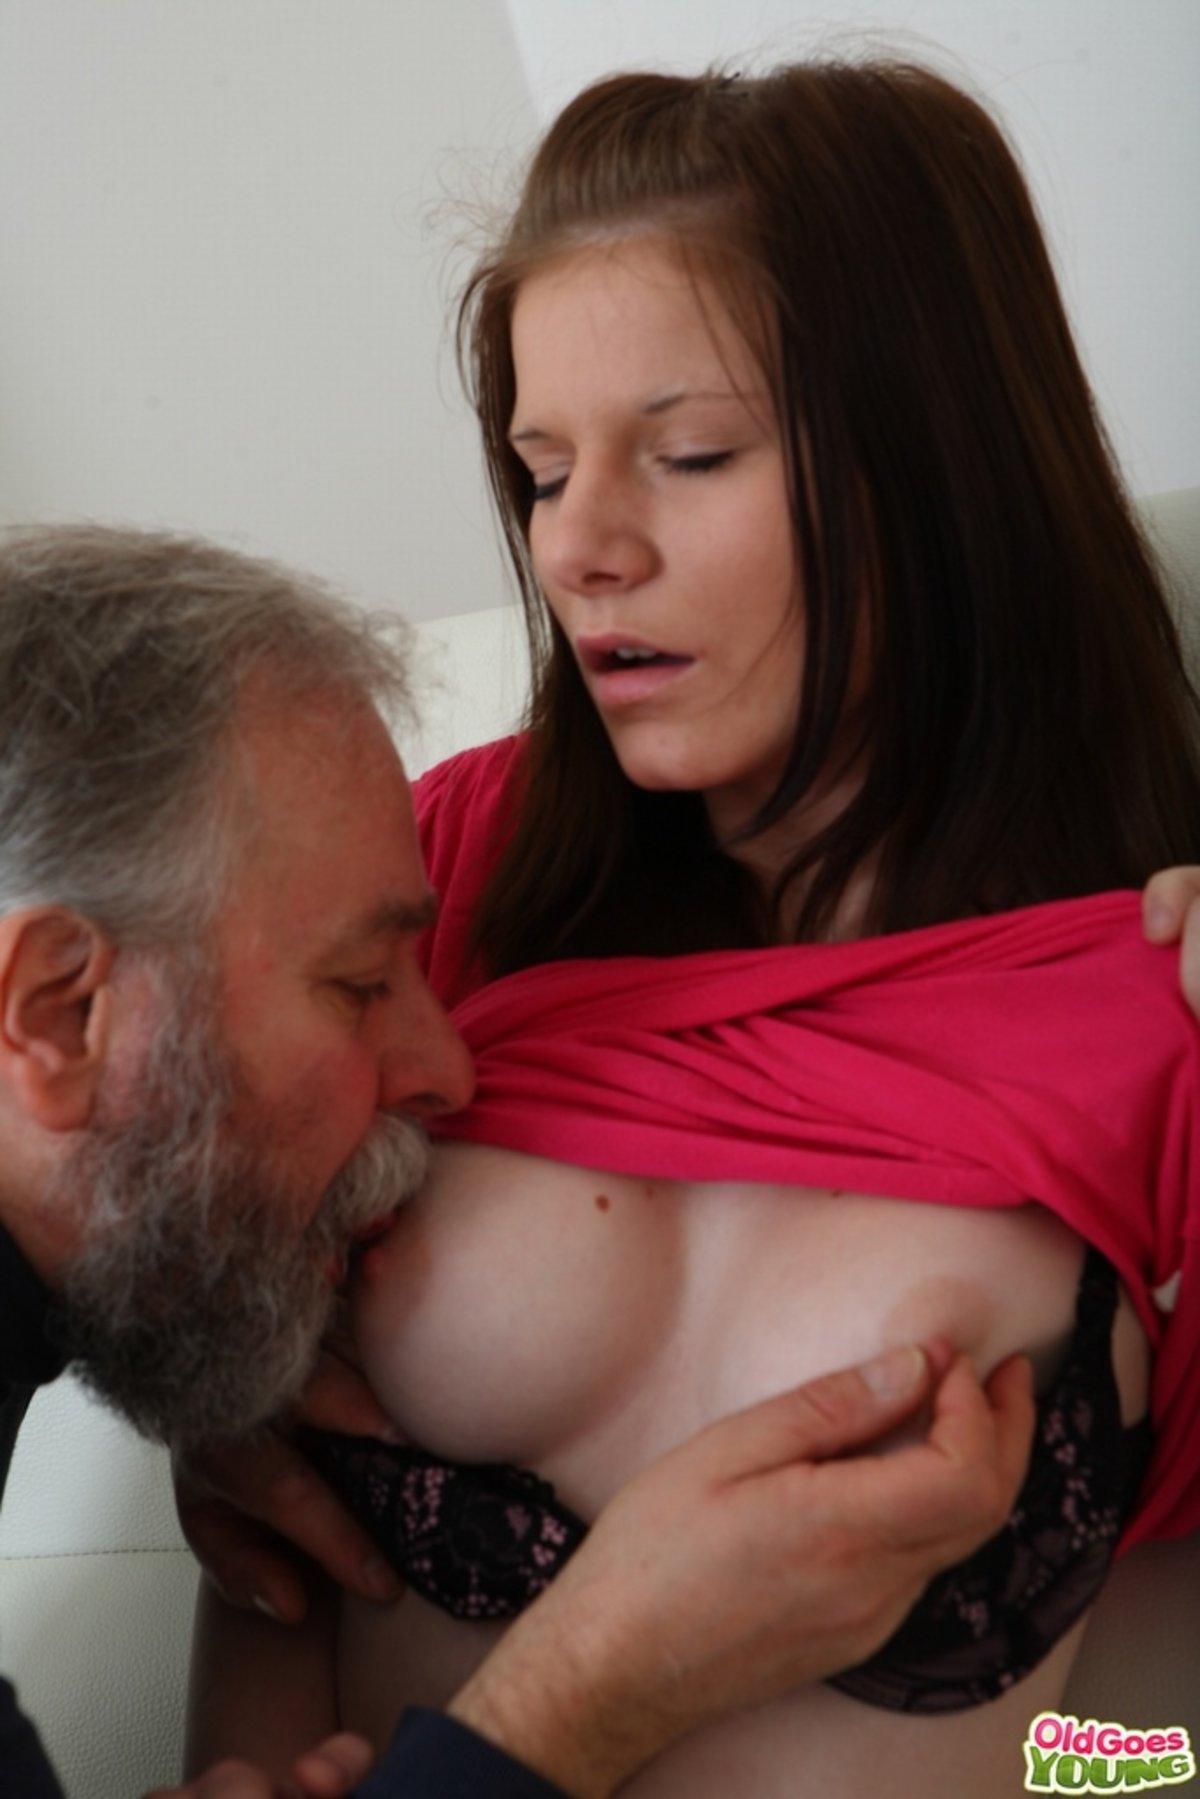 Старик сосет грудь девушке смотреть онлайн, секс видео с хорошей репутацией